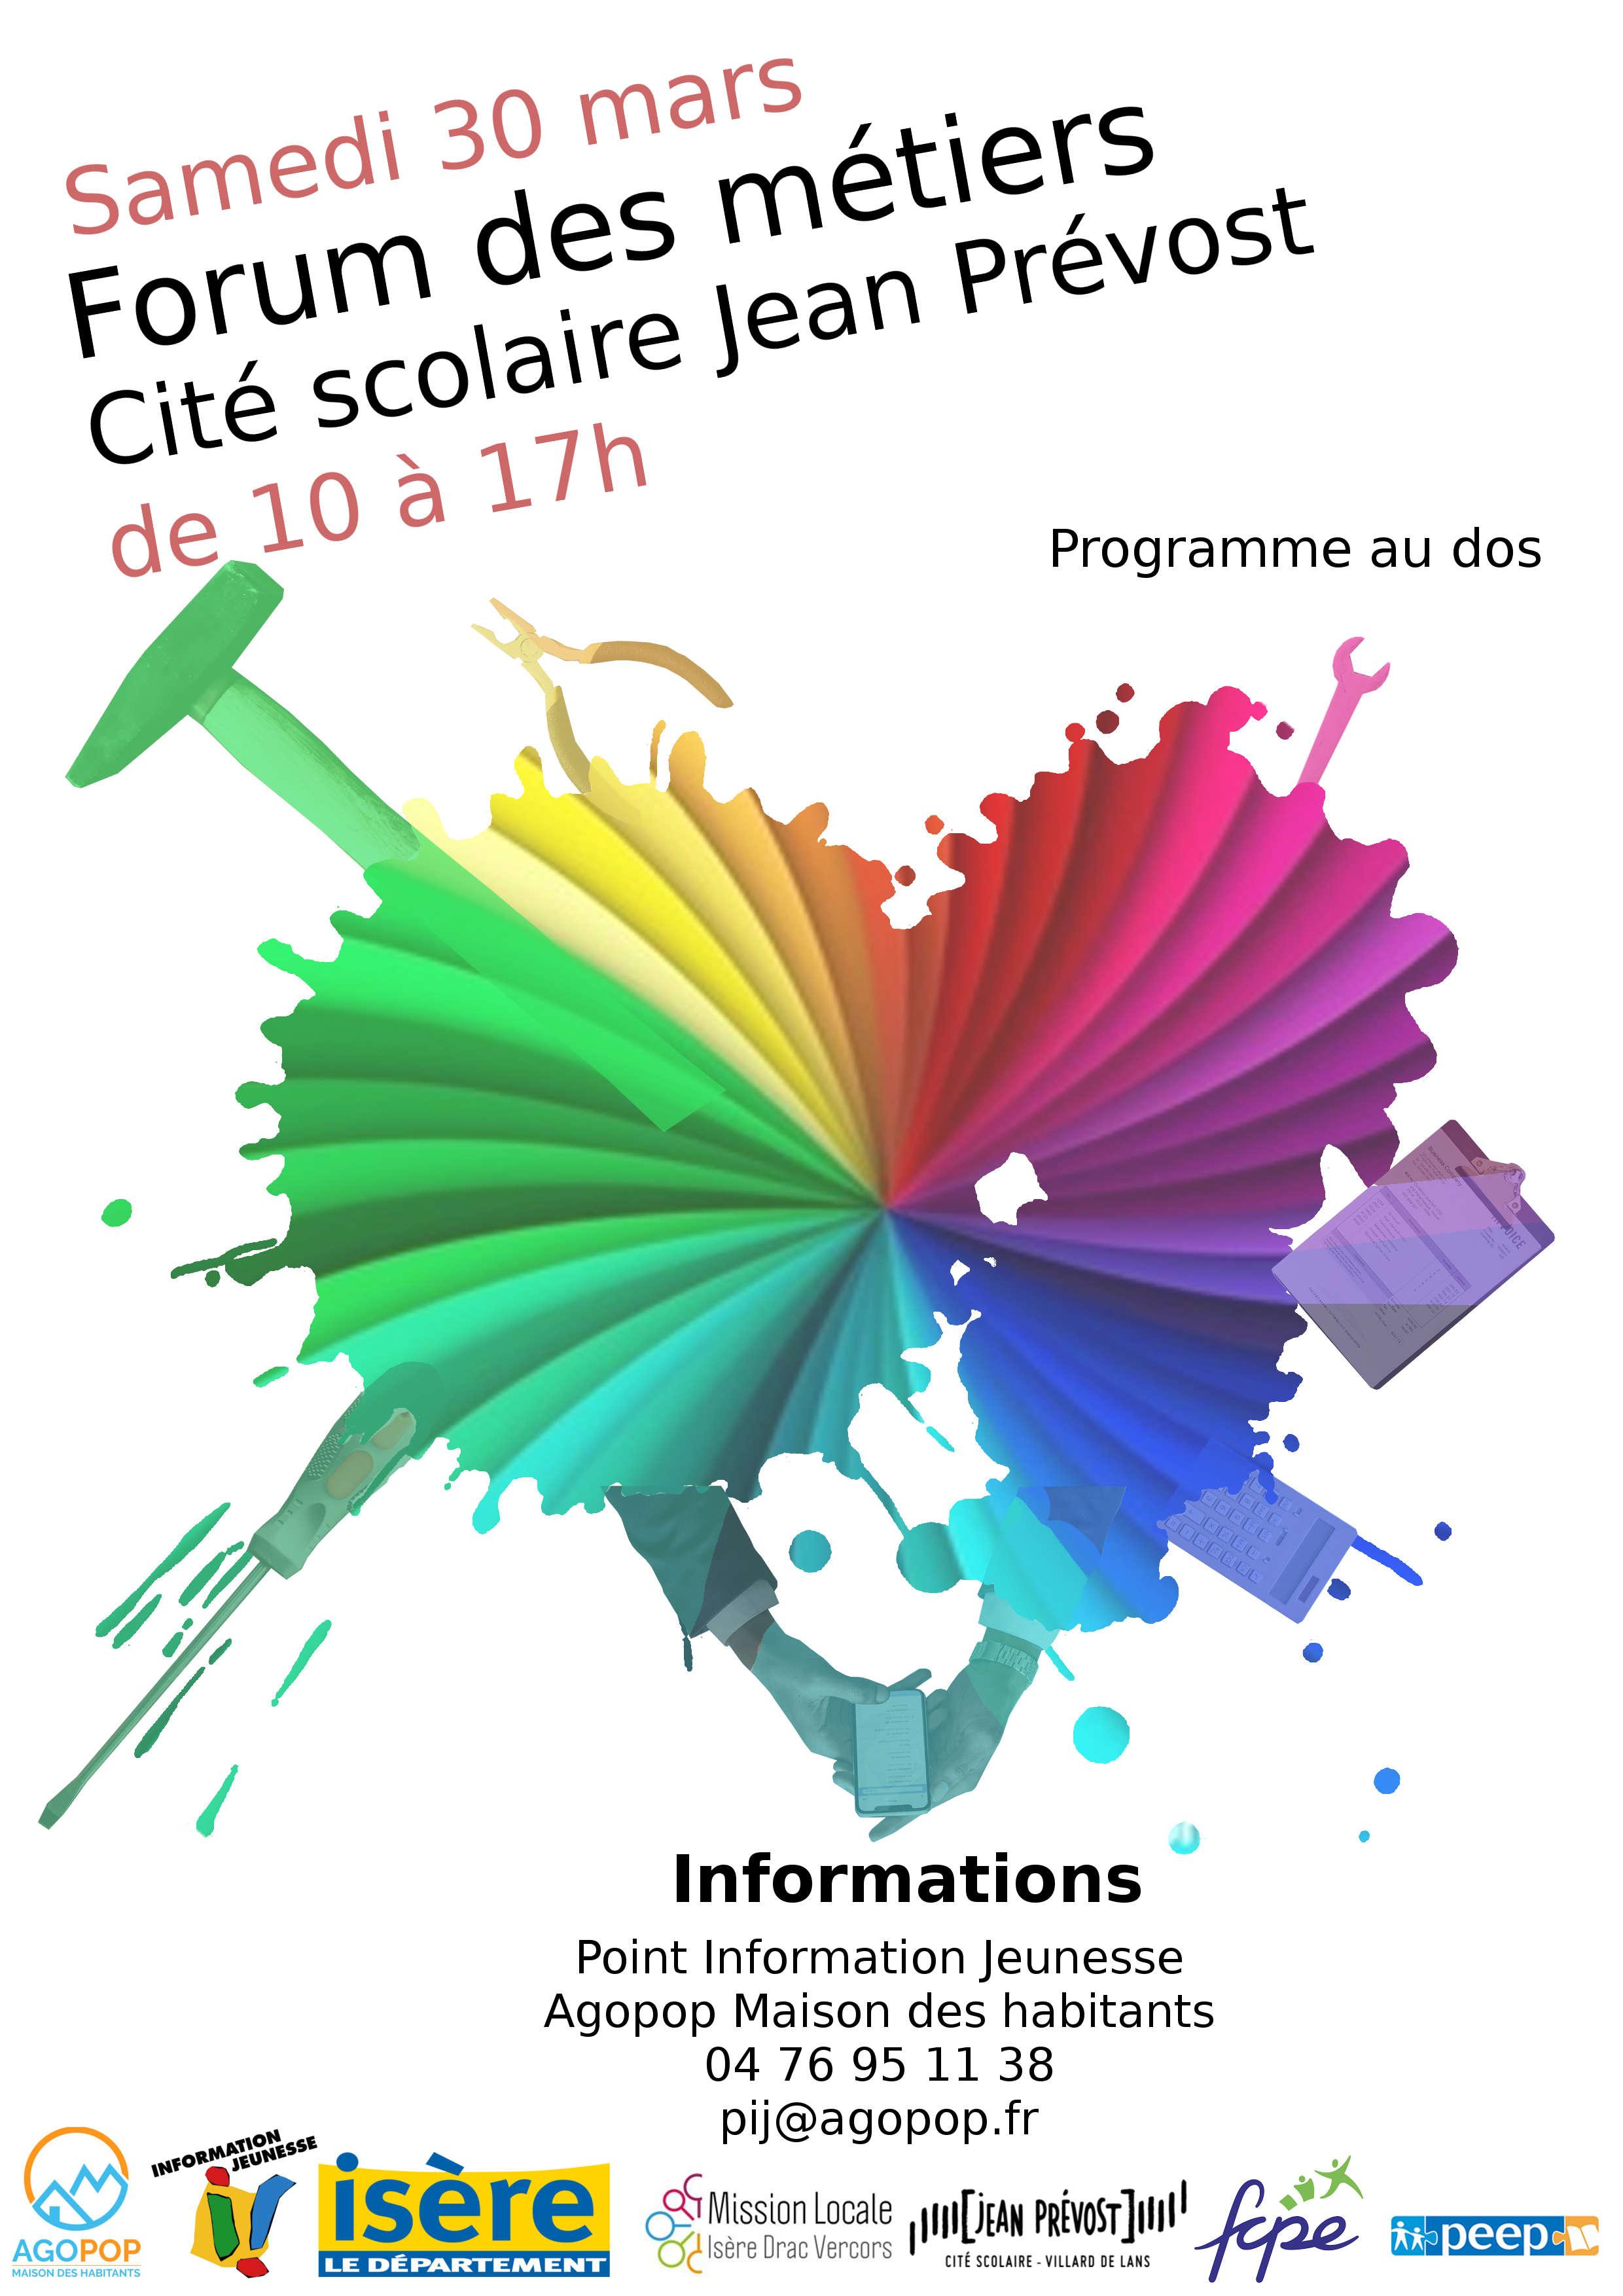 Forum des métiers @ Cité scolaire Jean Prevost